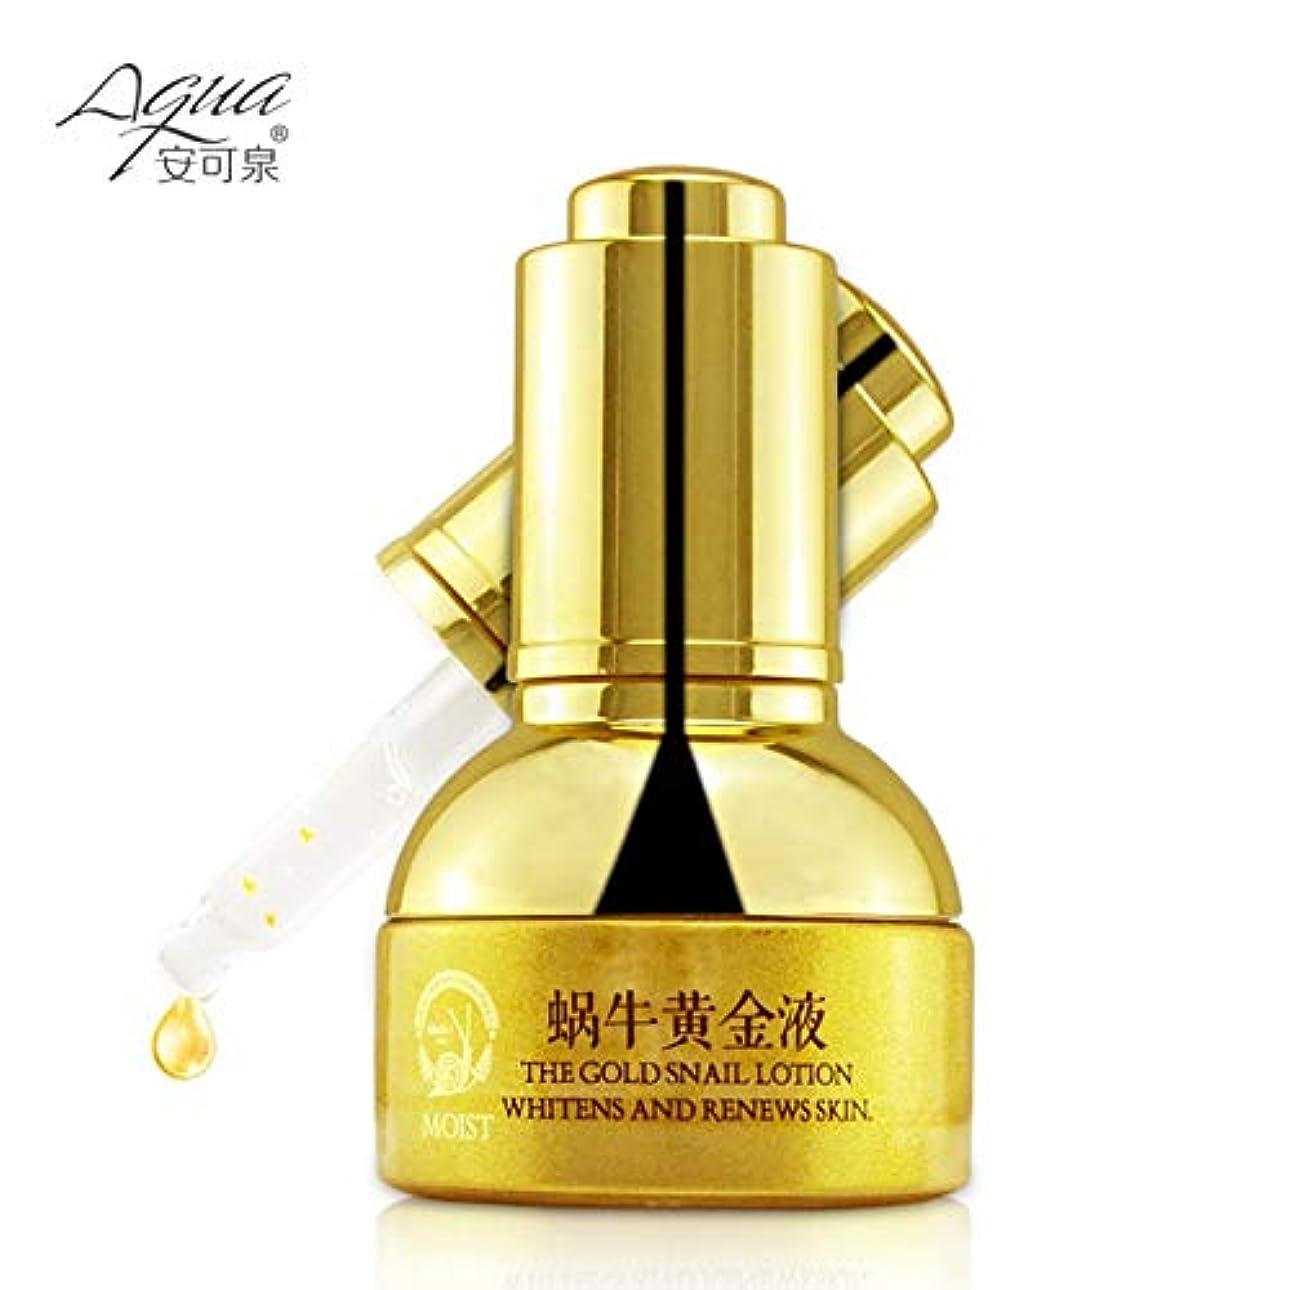 正確にはっきりしないカッターケアカタツムリエッセンスデイクリームアンチリンクルフェイスコラーゲン寧保湿性液体の美し熱い販売:中国